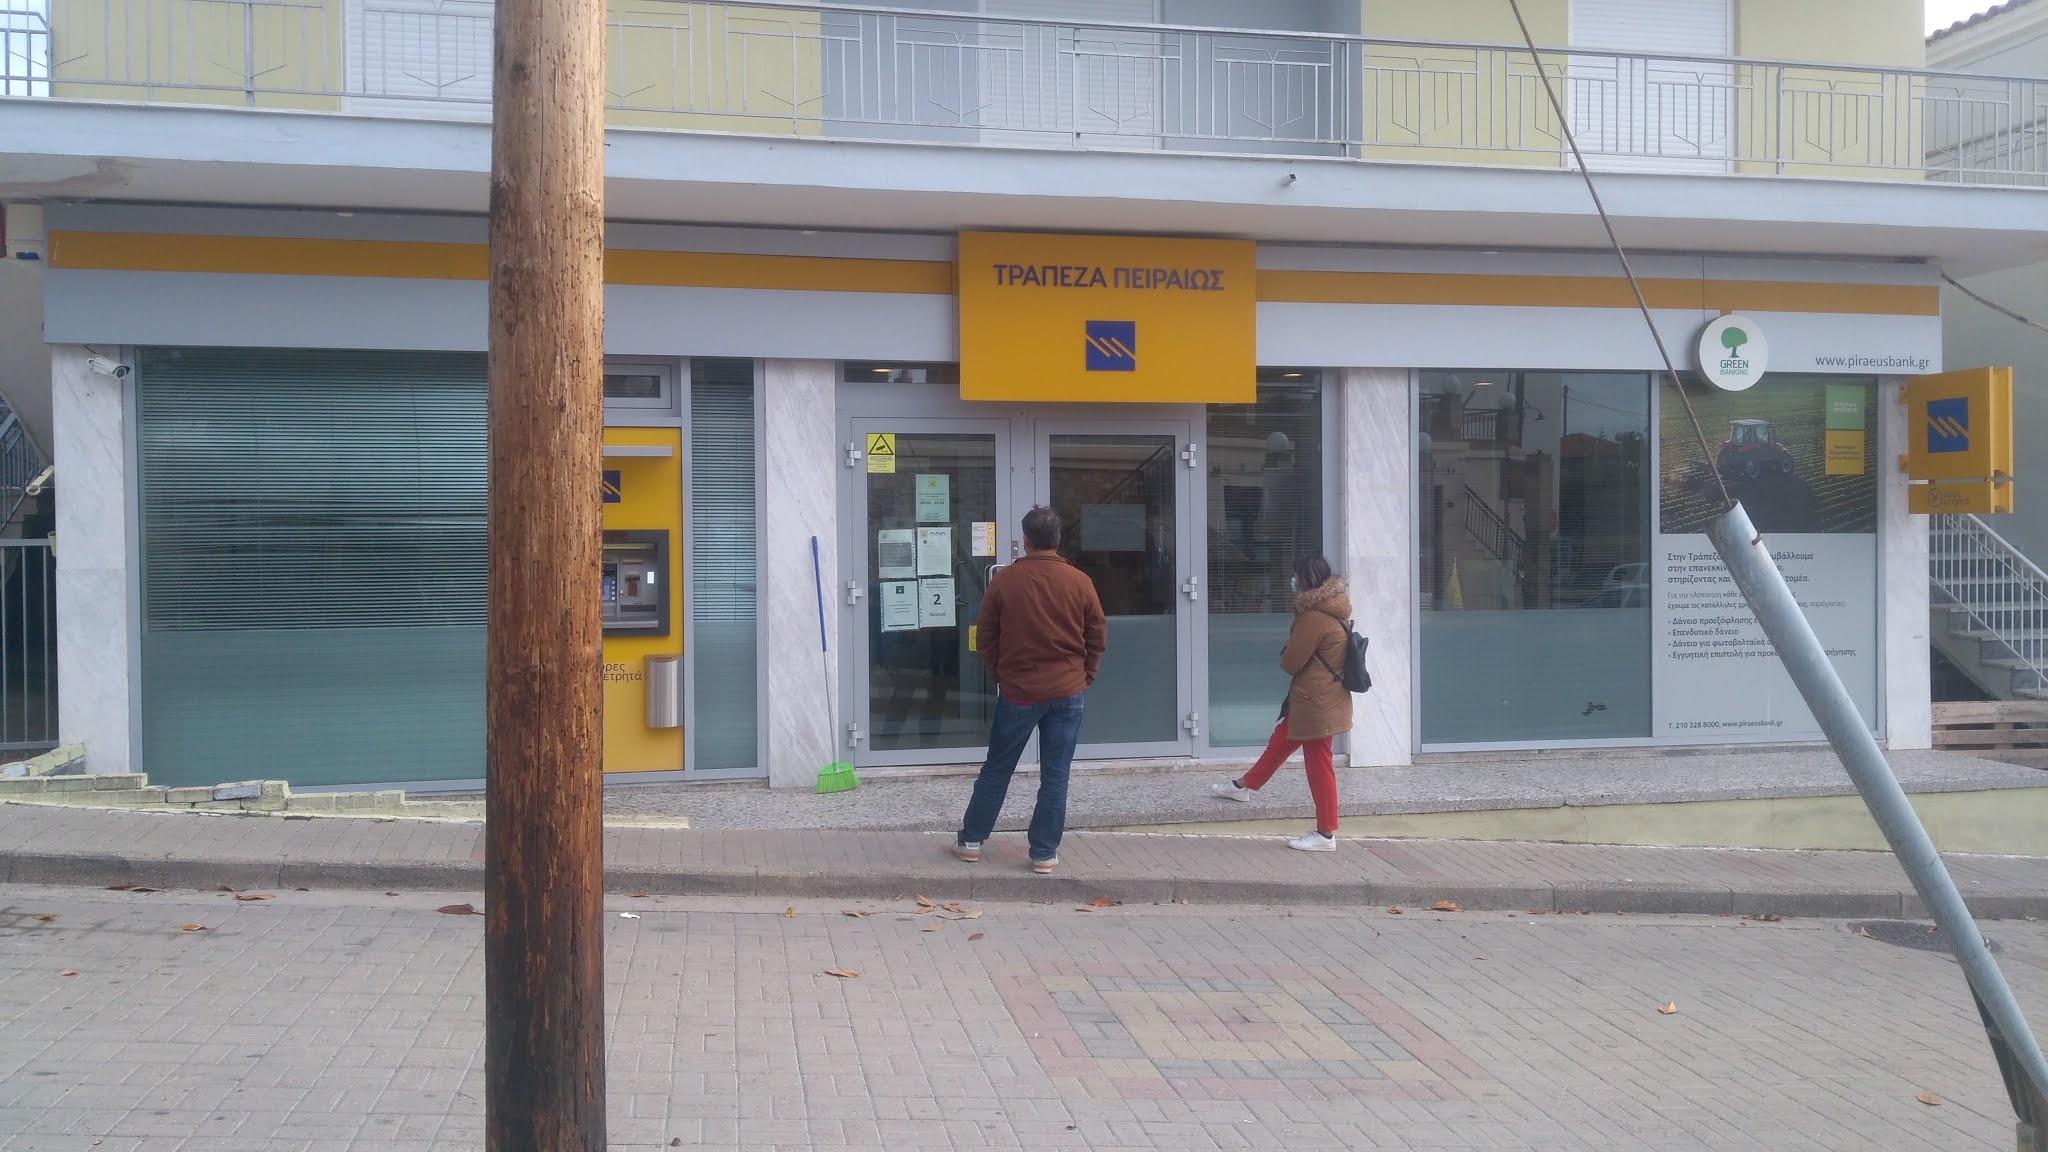 Κλείνει η Τράπεζα Πειραιώς στα Άβδηρα – Αντίδραση Δημάρχου